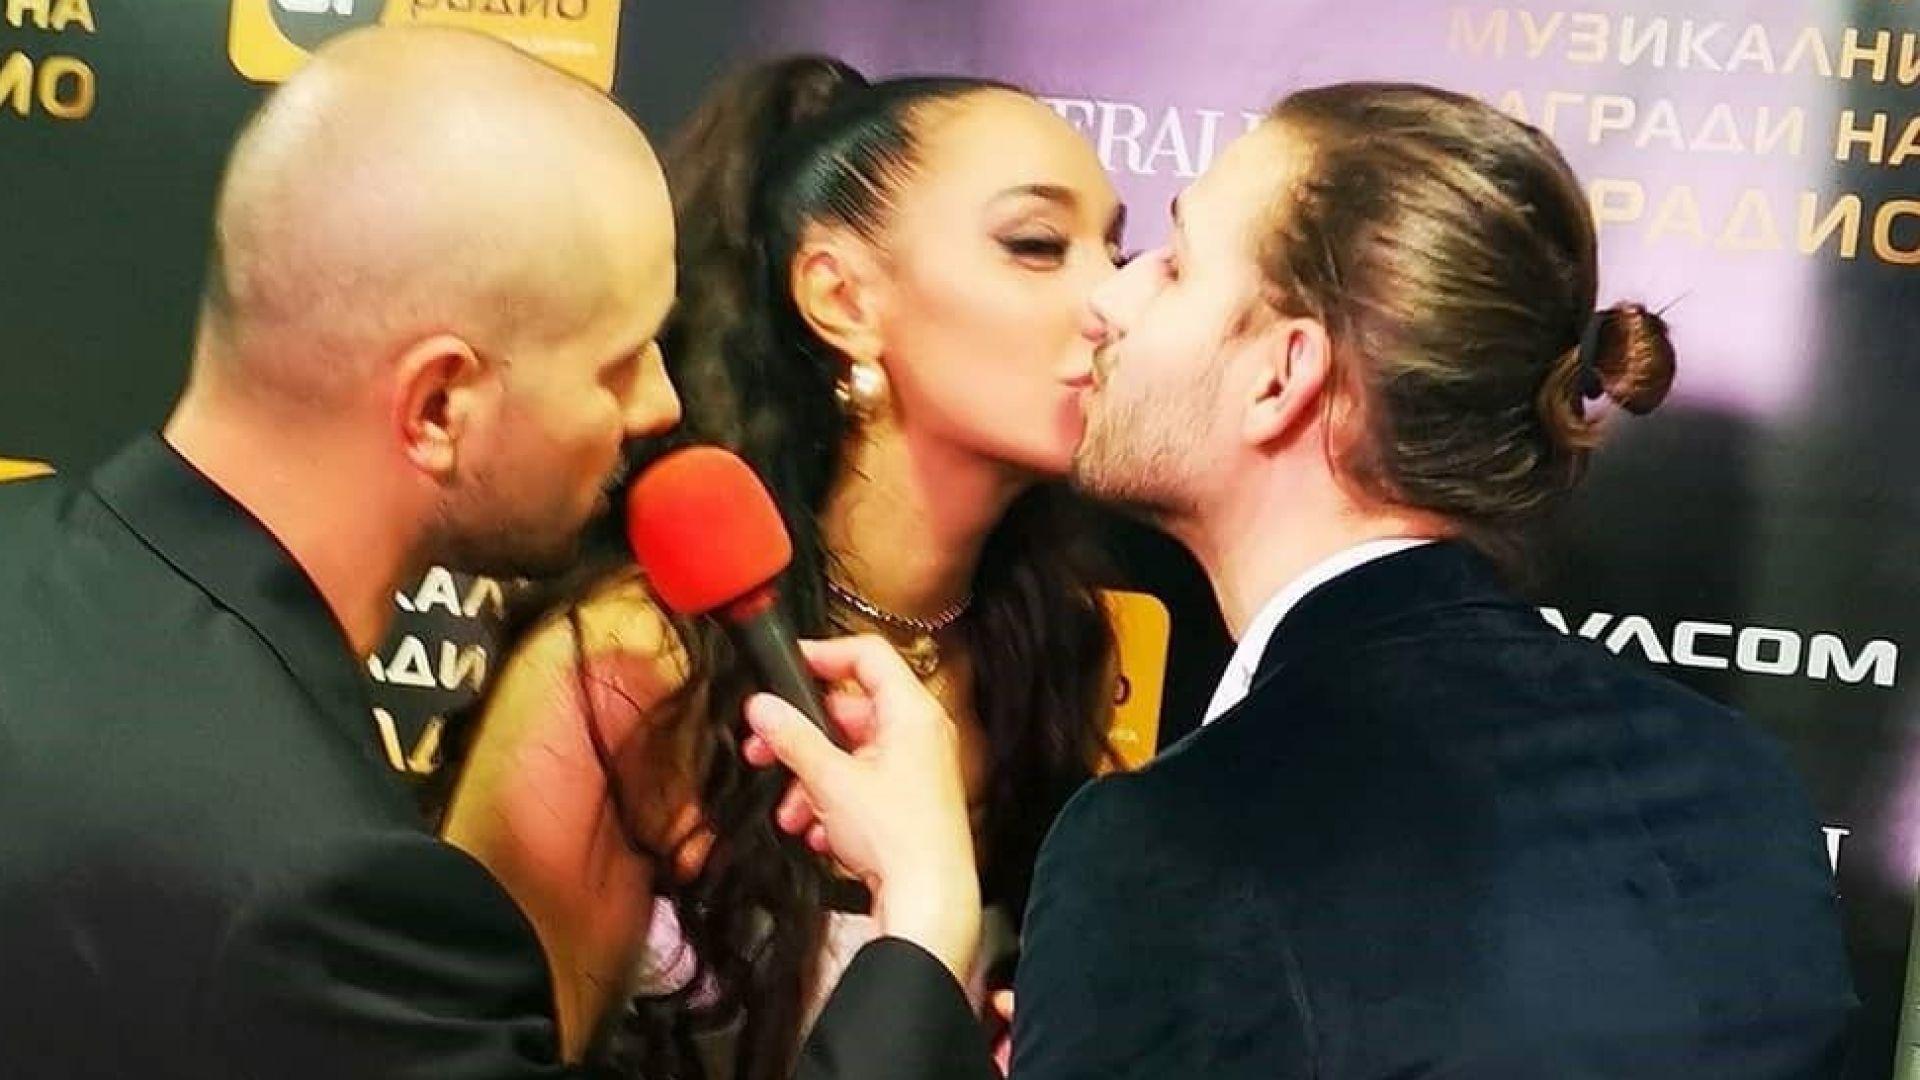 Мария Илиева пусна кадър, на който се целува с Папи Ханс